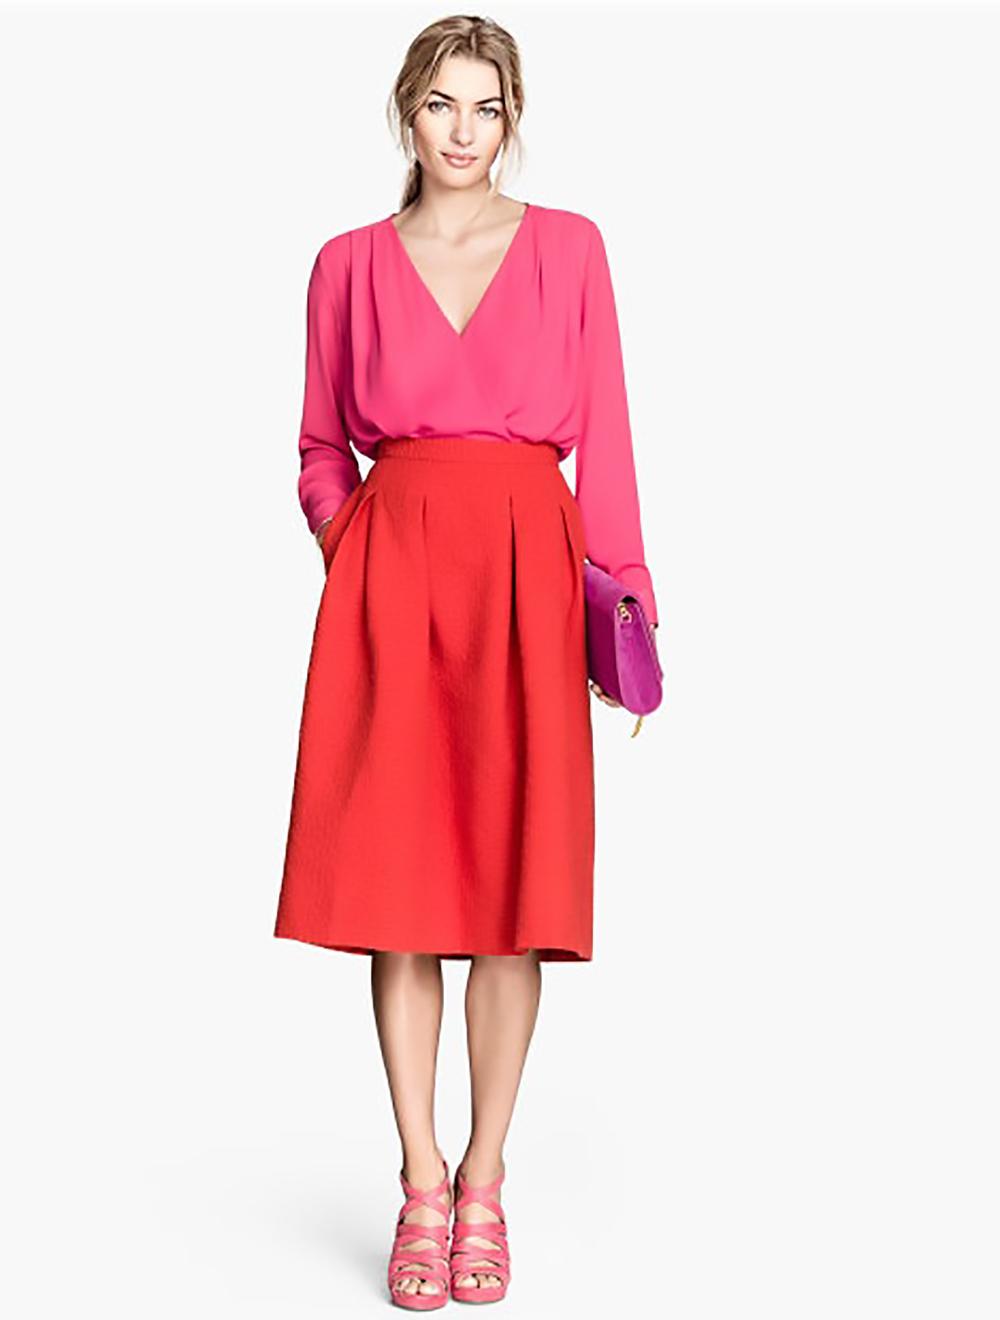 H&M crinkled skirt midis 1500.jpg